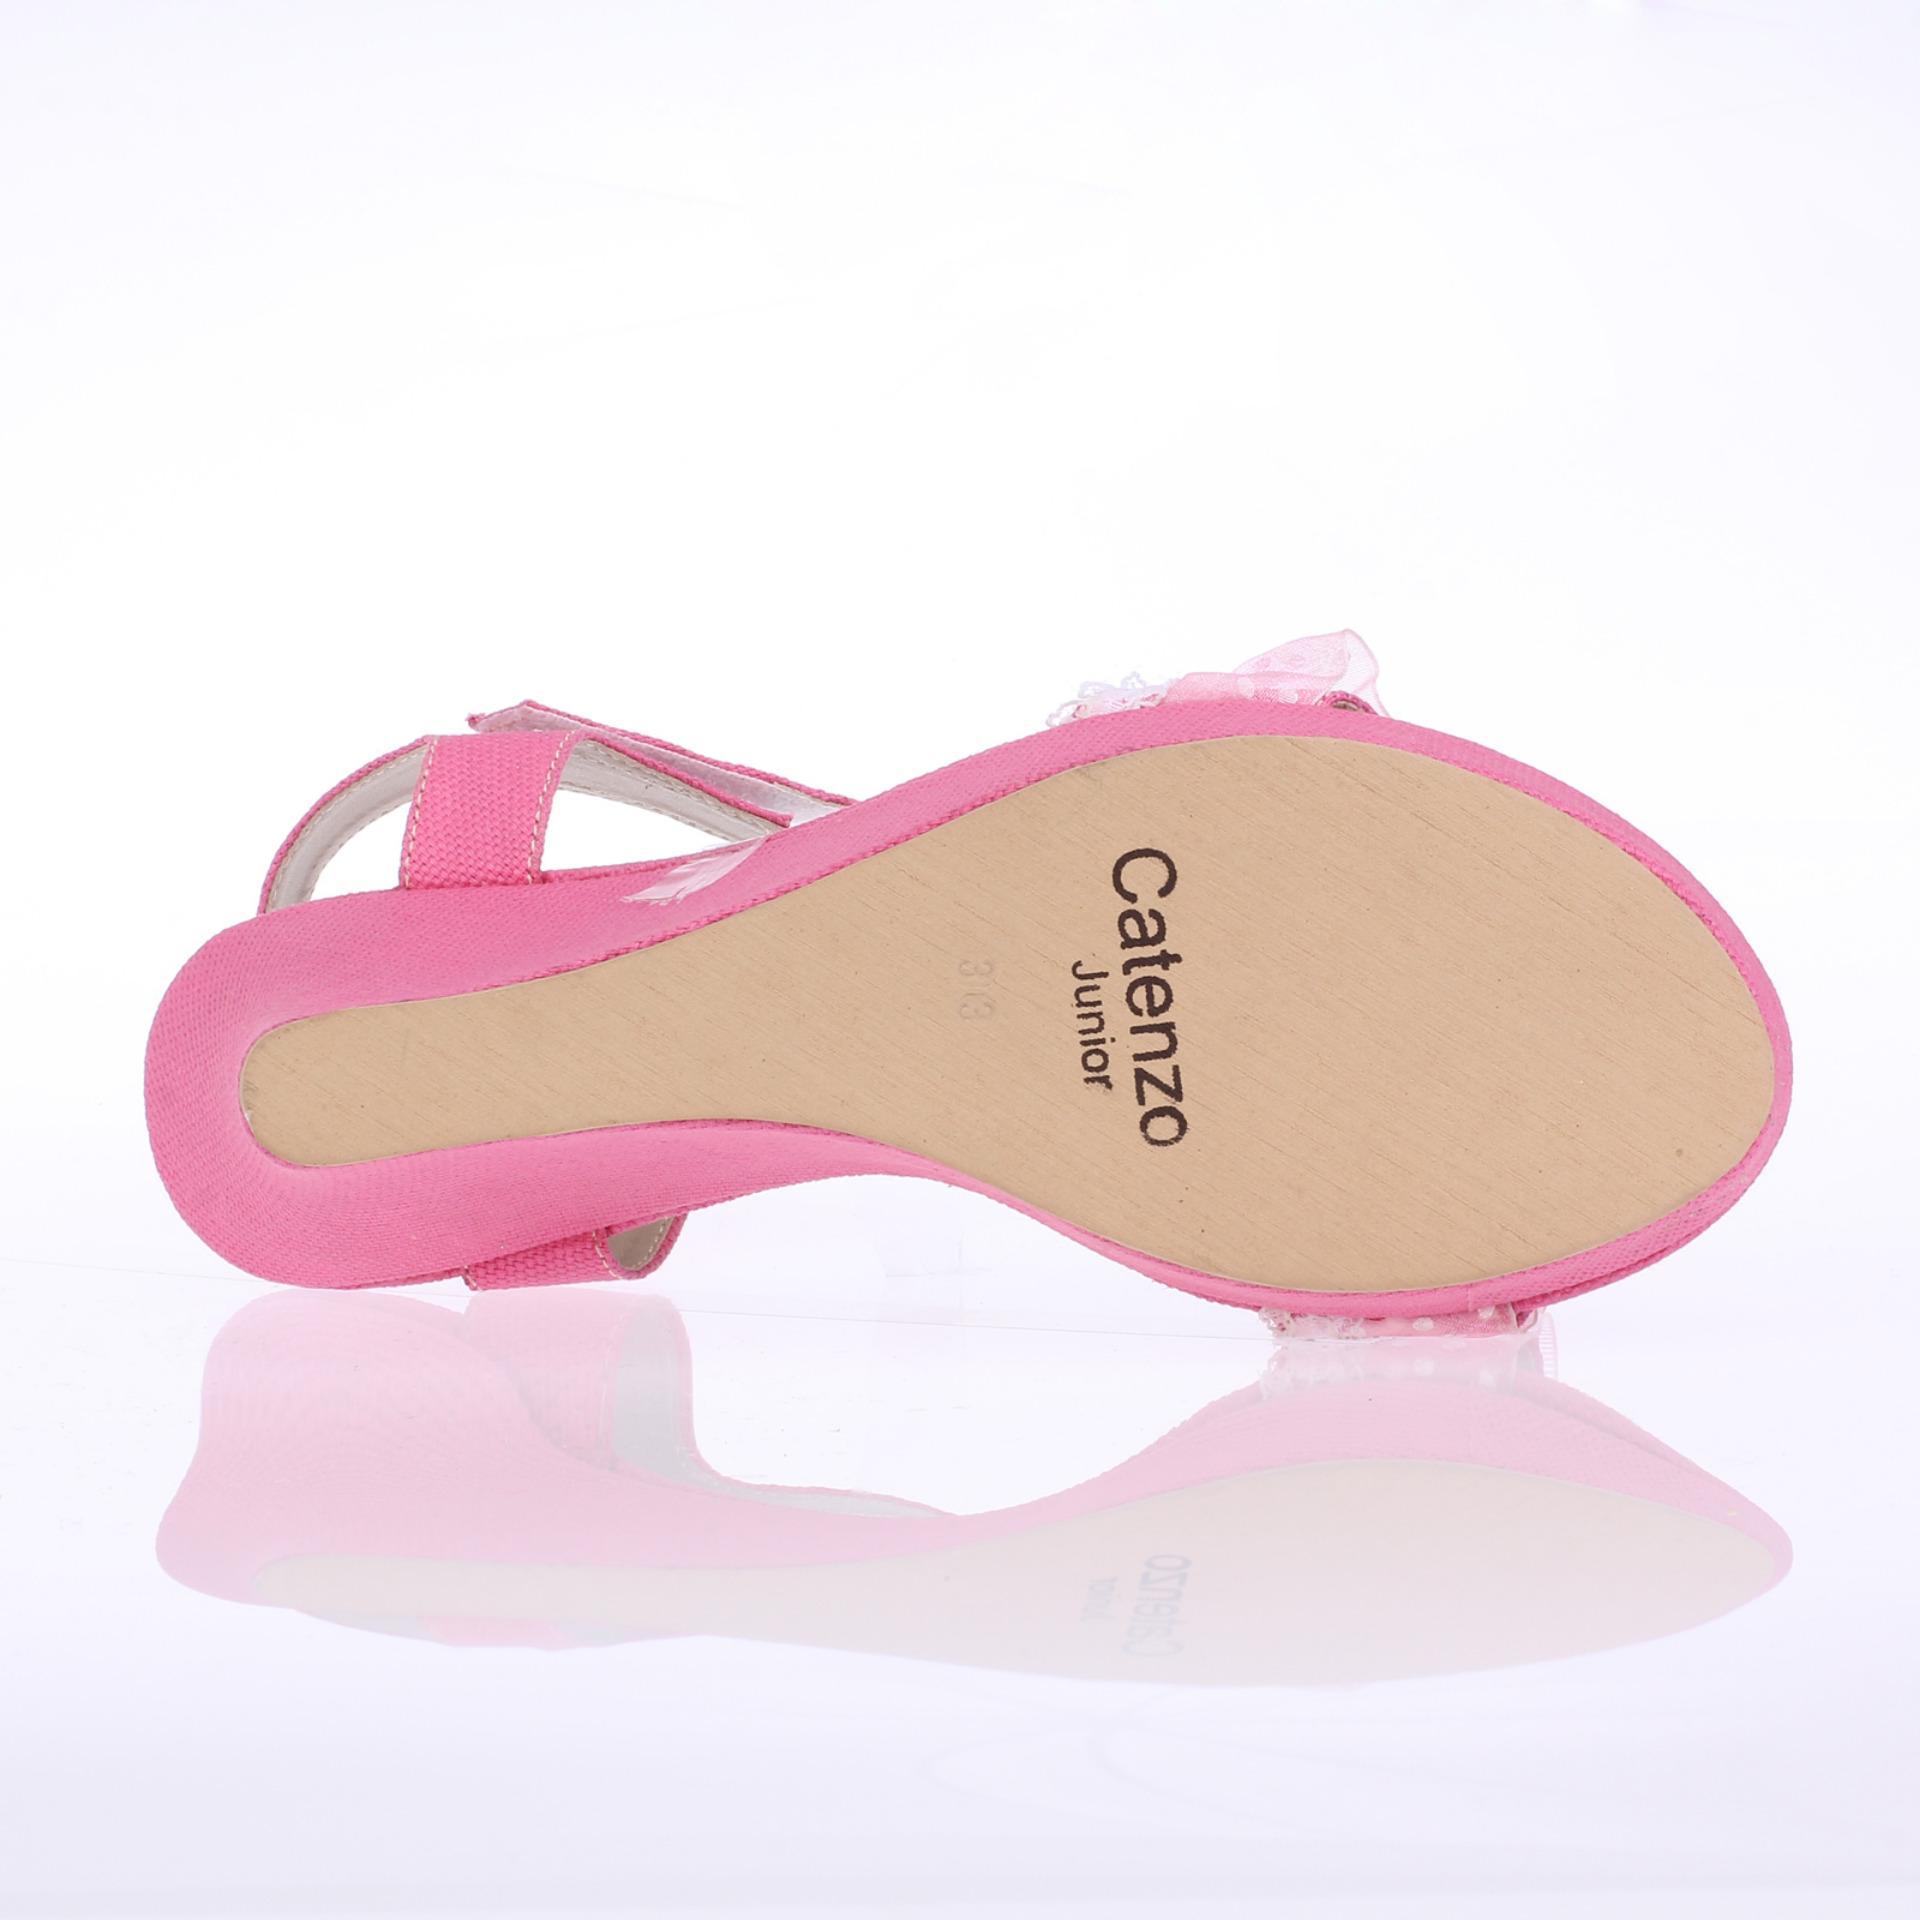 Catenzo Junior Sandal Sendal Wedges Anak Perempuan CNR006 - Pink